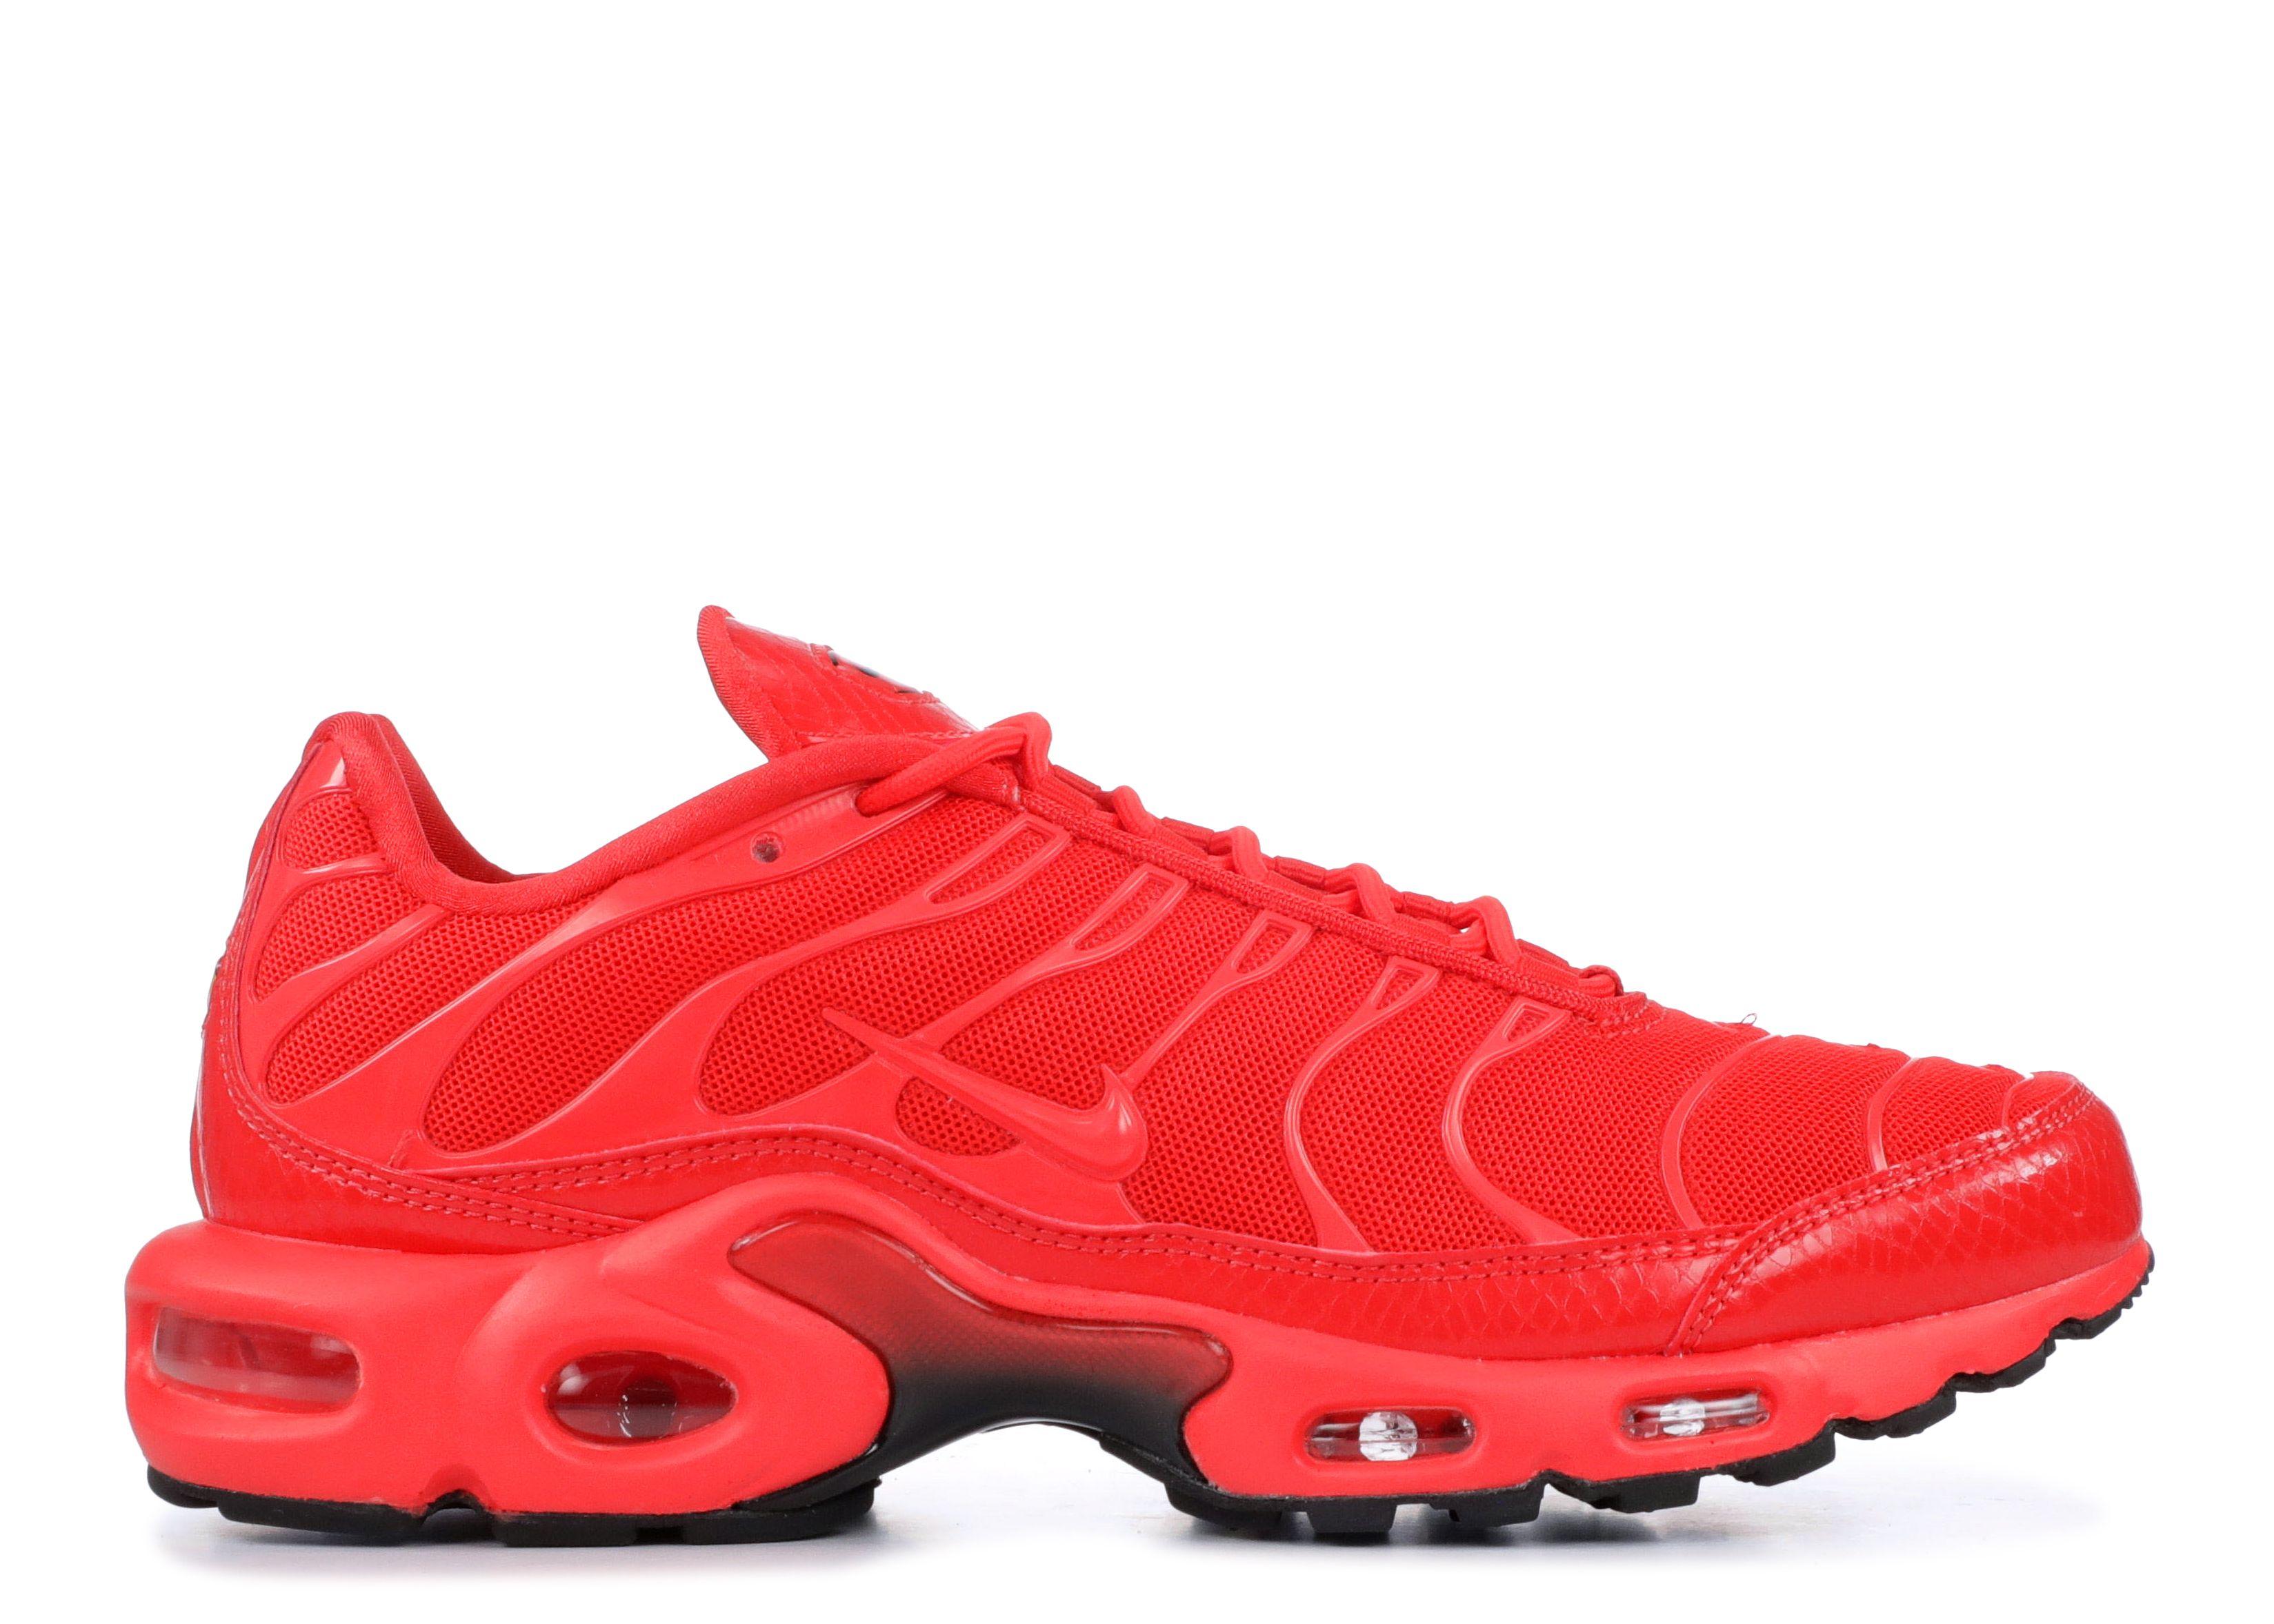 WMNS AIR MAX PLUS | Nike, Air max women